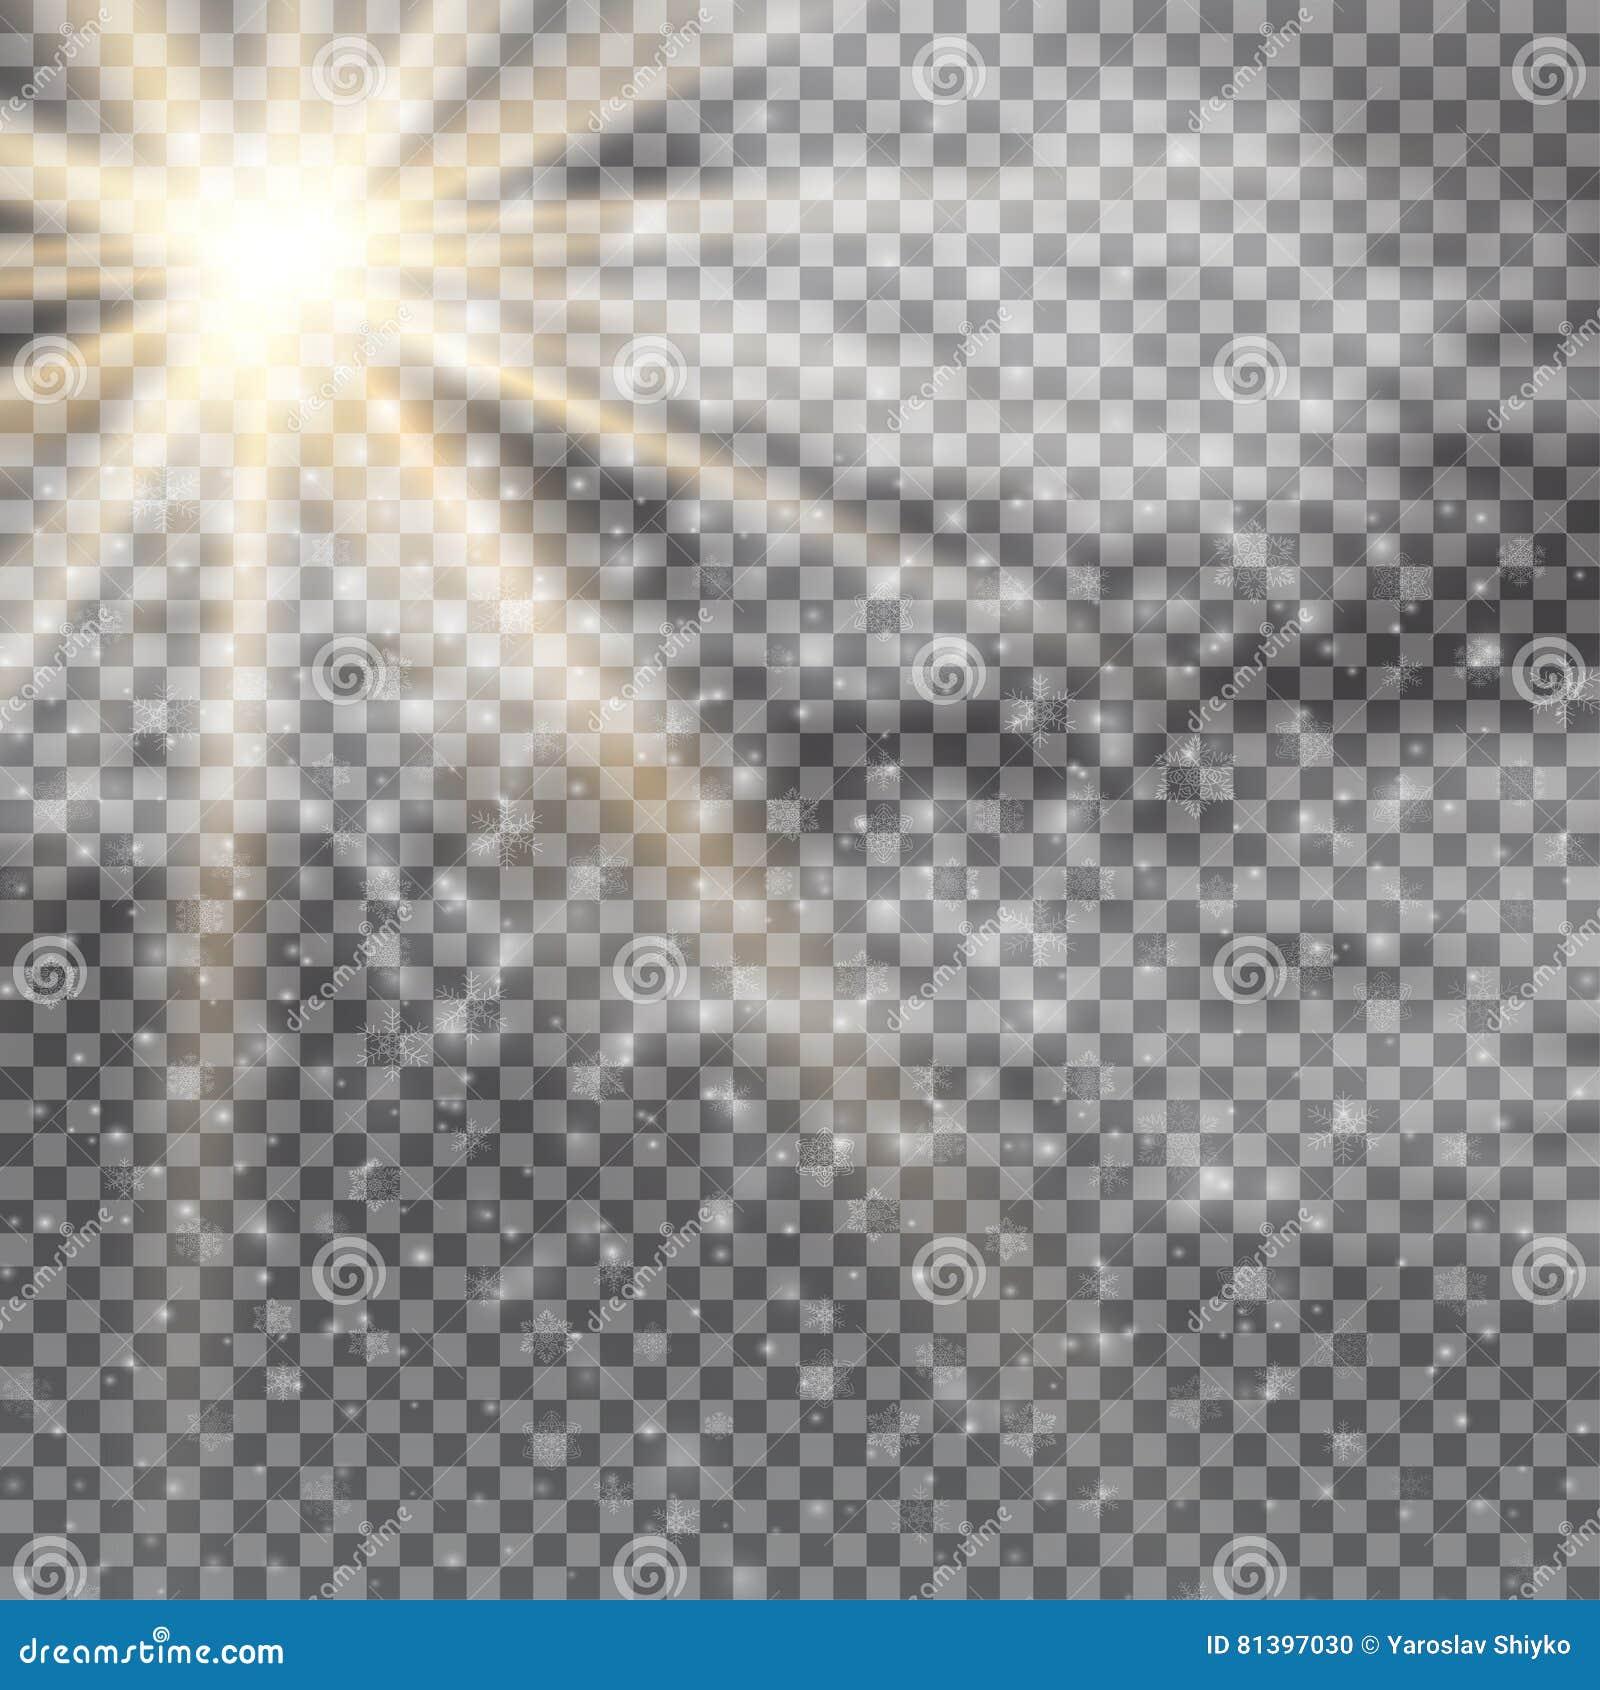 传染媒介透明阳光特别透镜火光光线影响 与光芒、雪、云彩和聚光灯的太阳闪光